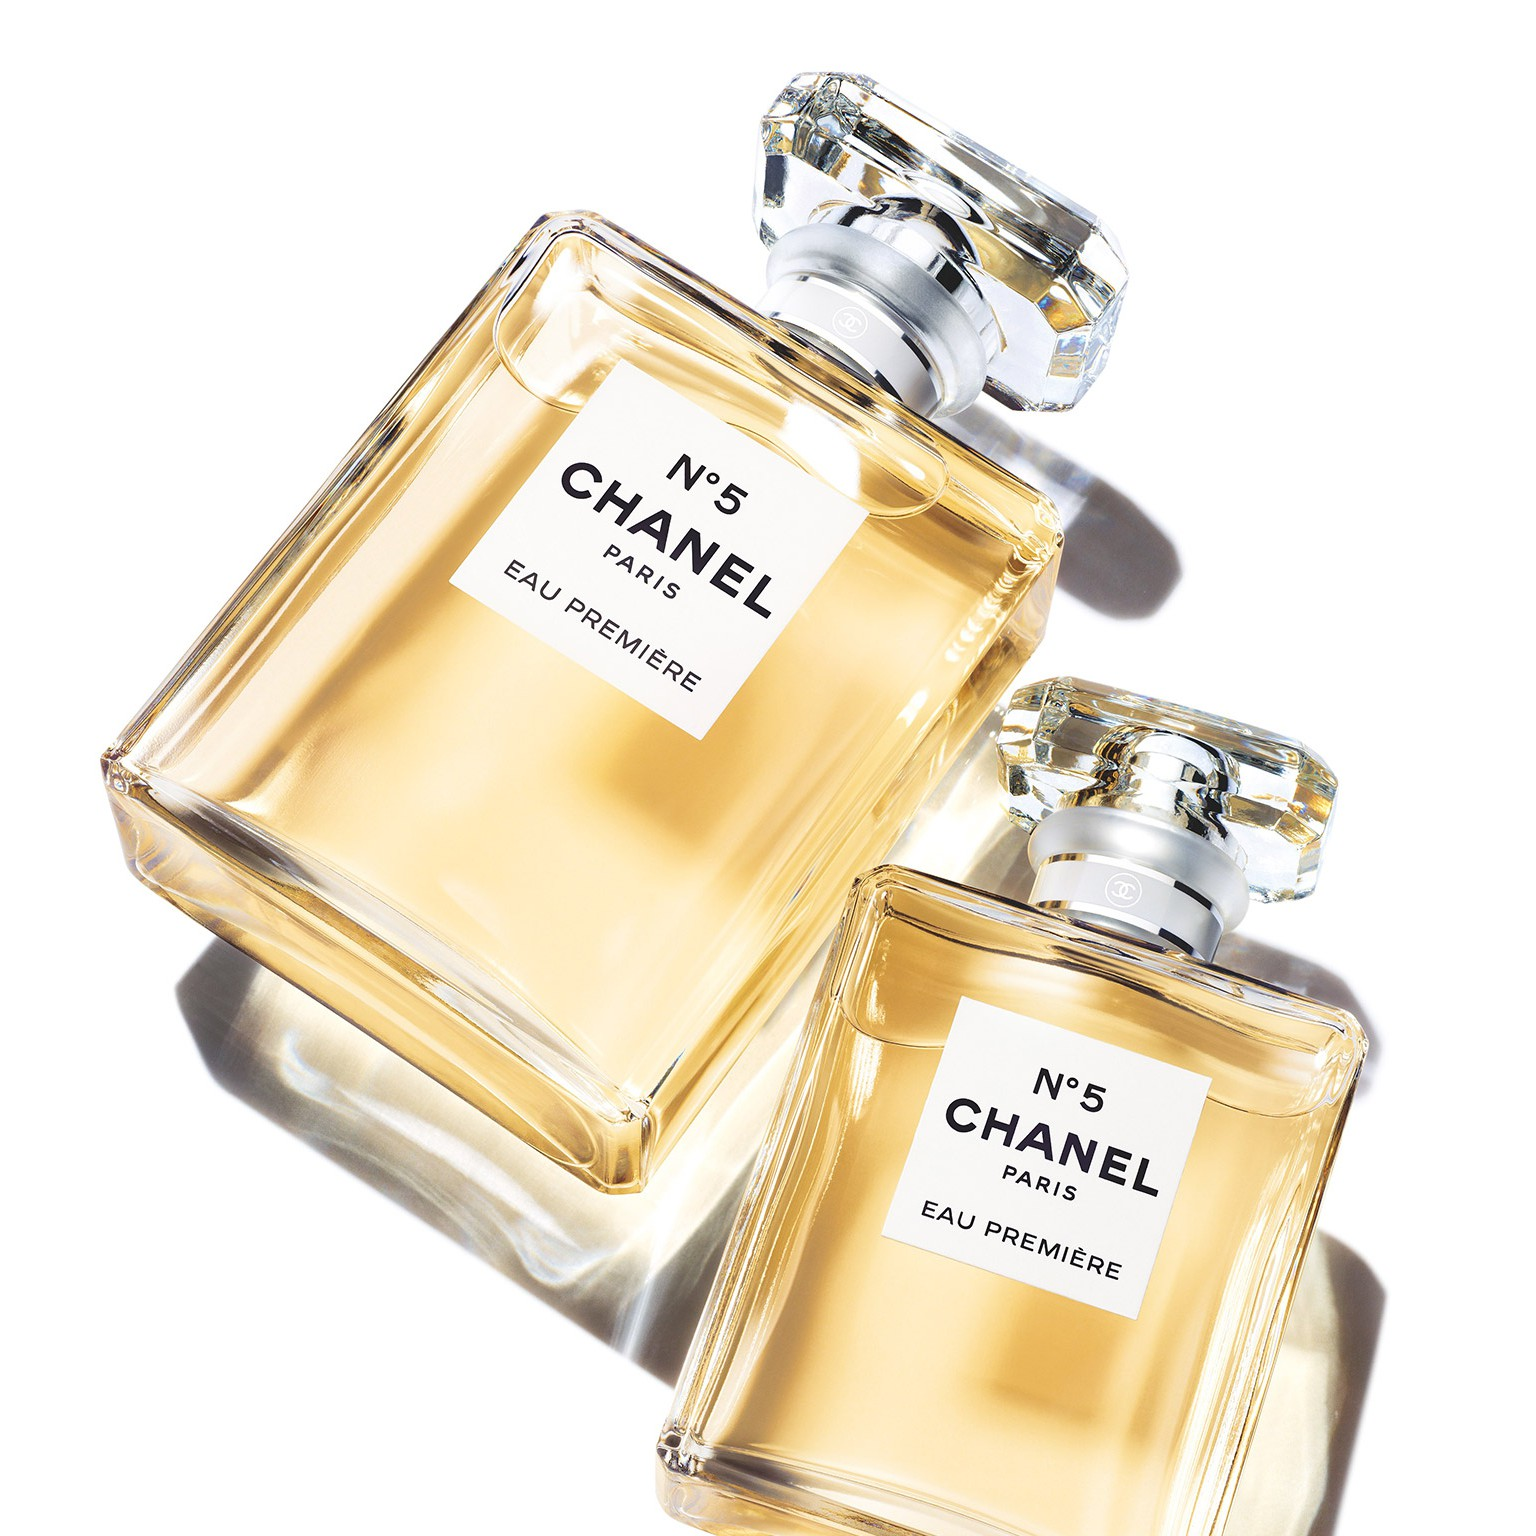 Chanel N°5 Eau Premiere Esprit de Gabrielle